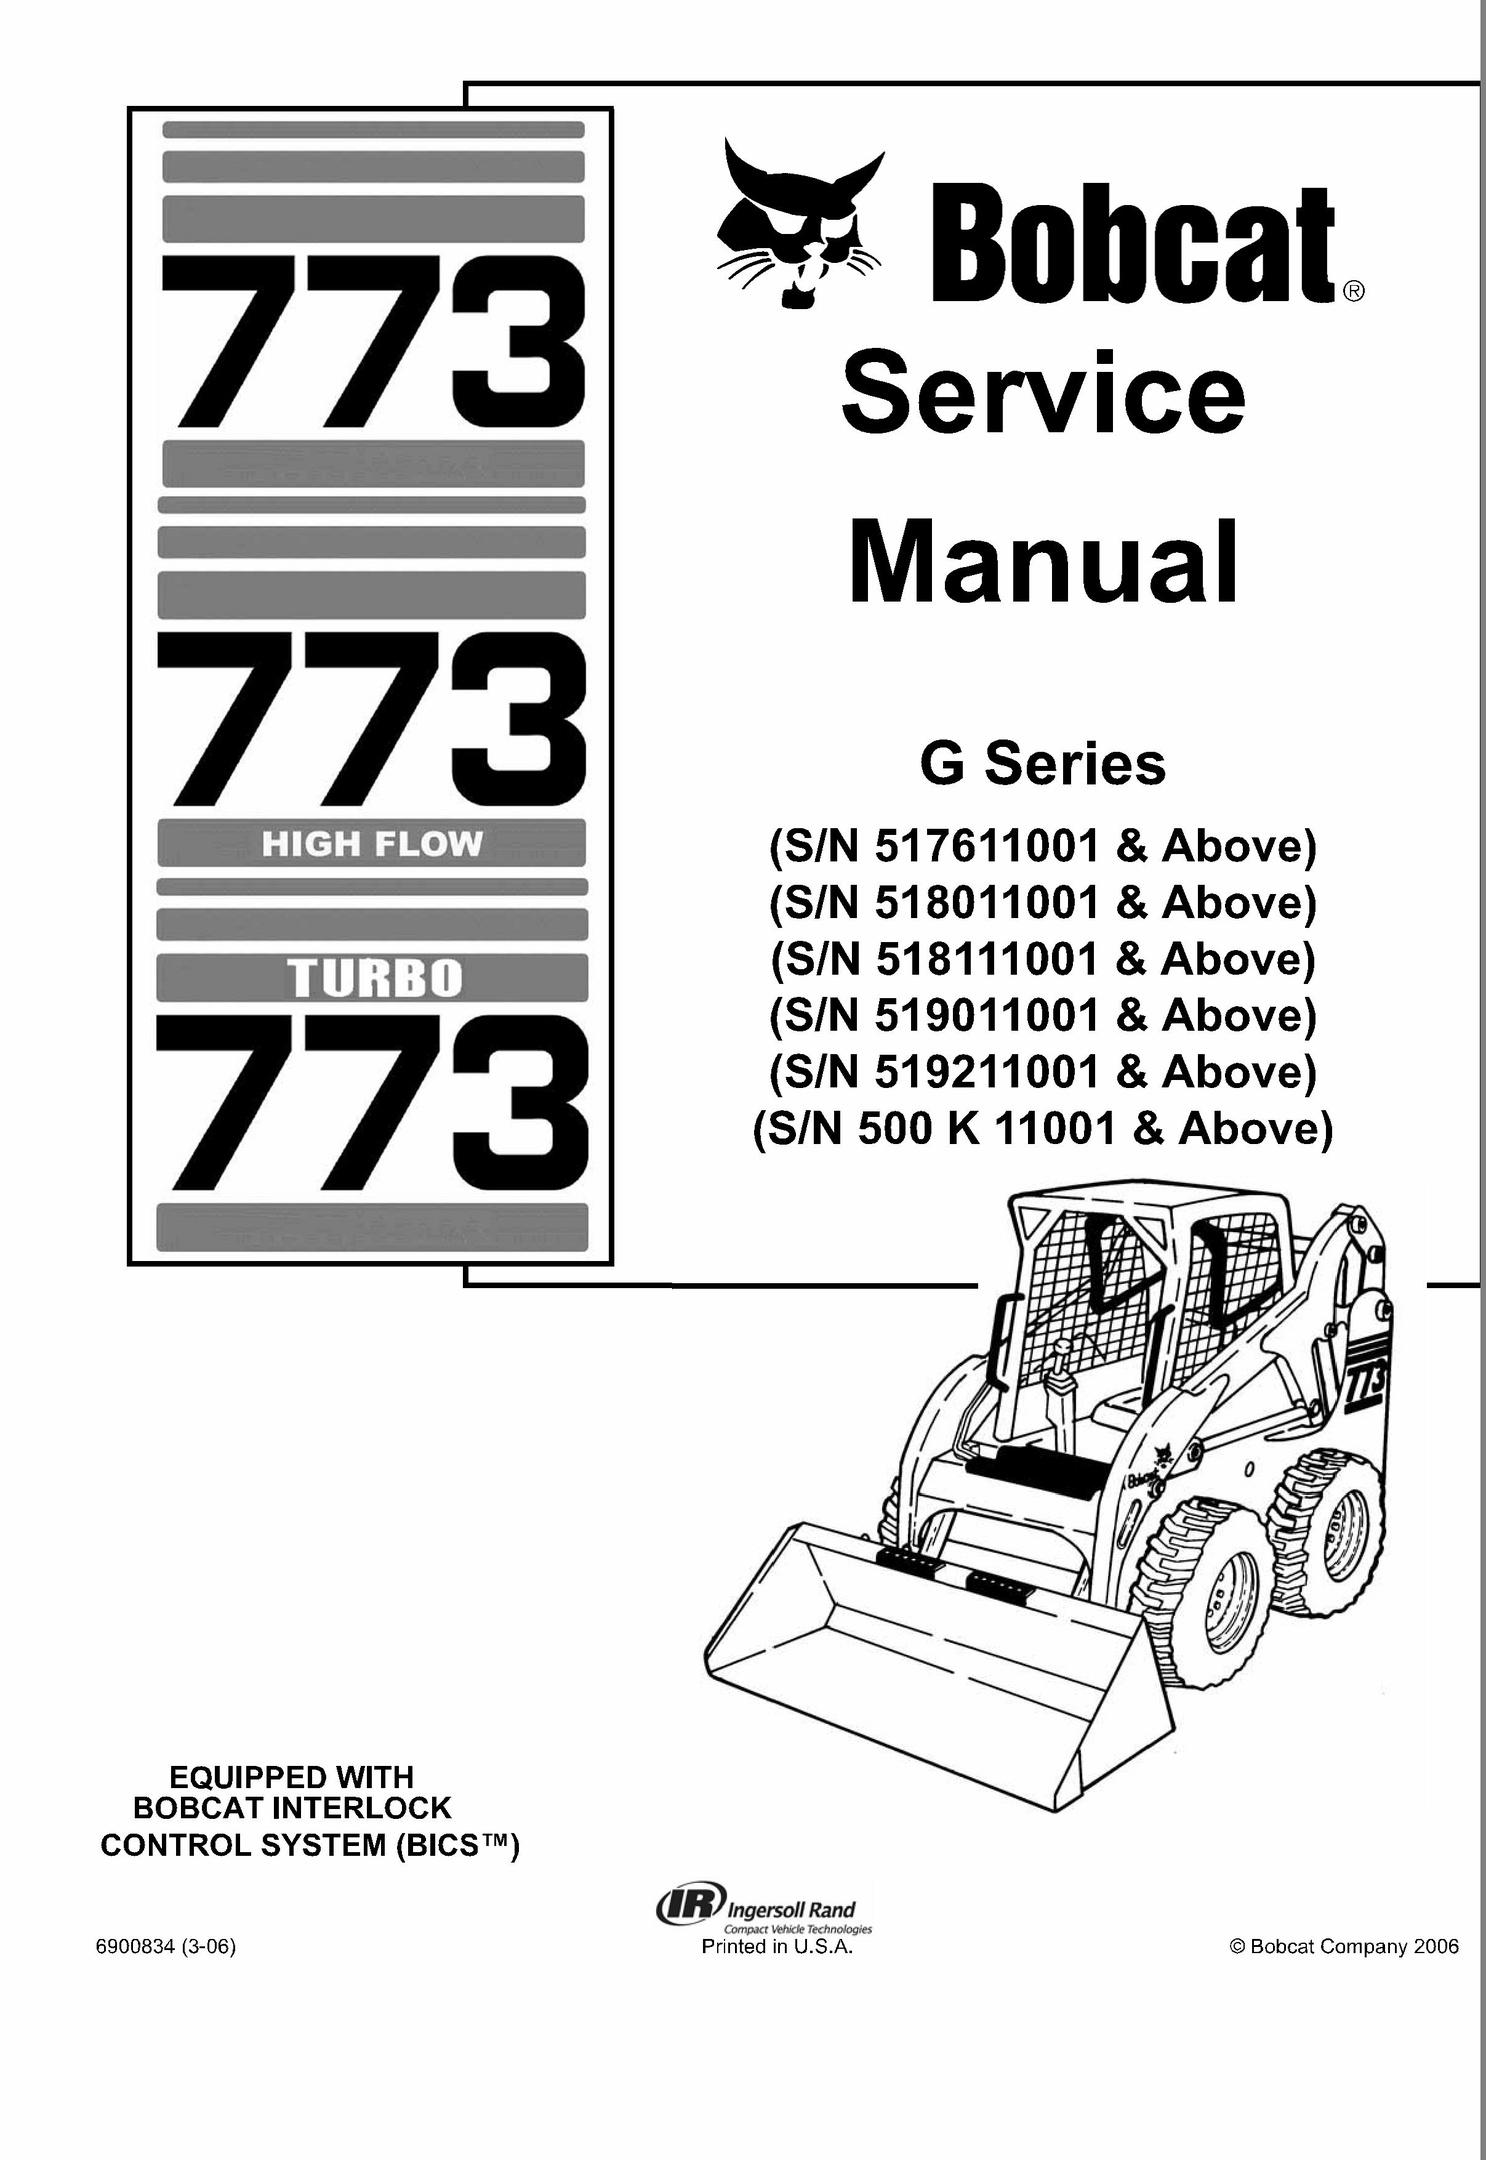 bobcat 773 g series skid steer loader service repair m rh sellfy com Bobcat Skid Steer 773 Turbo HP Bobcat Skid Steer 773 Values